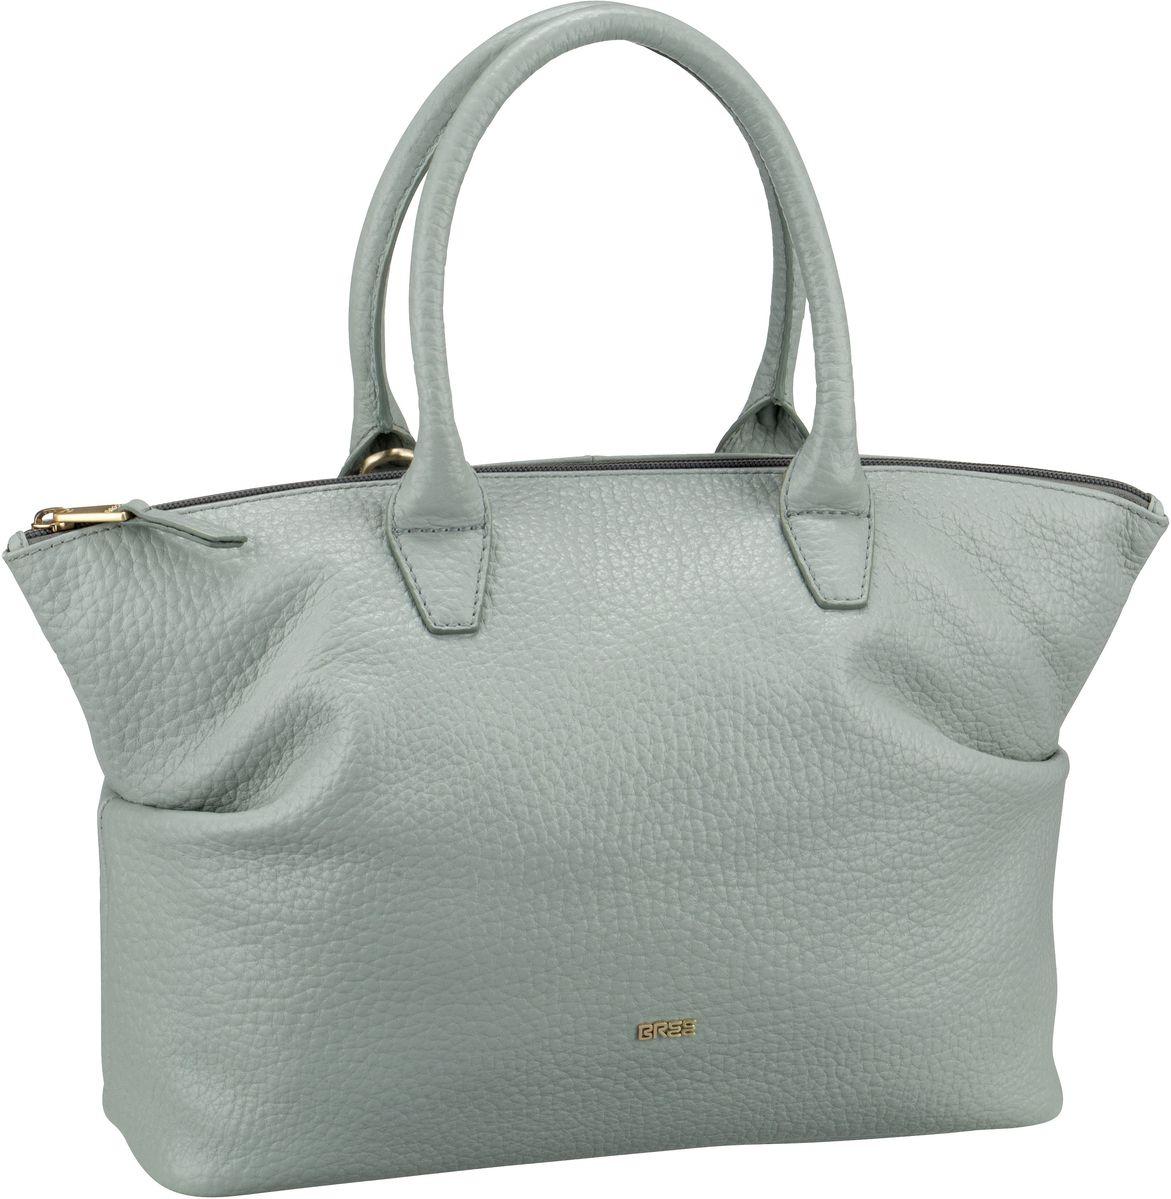 Handtasche Icon Bag Medium Belgian Block